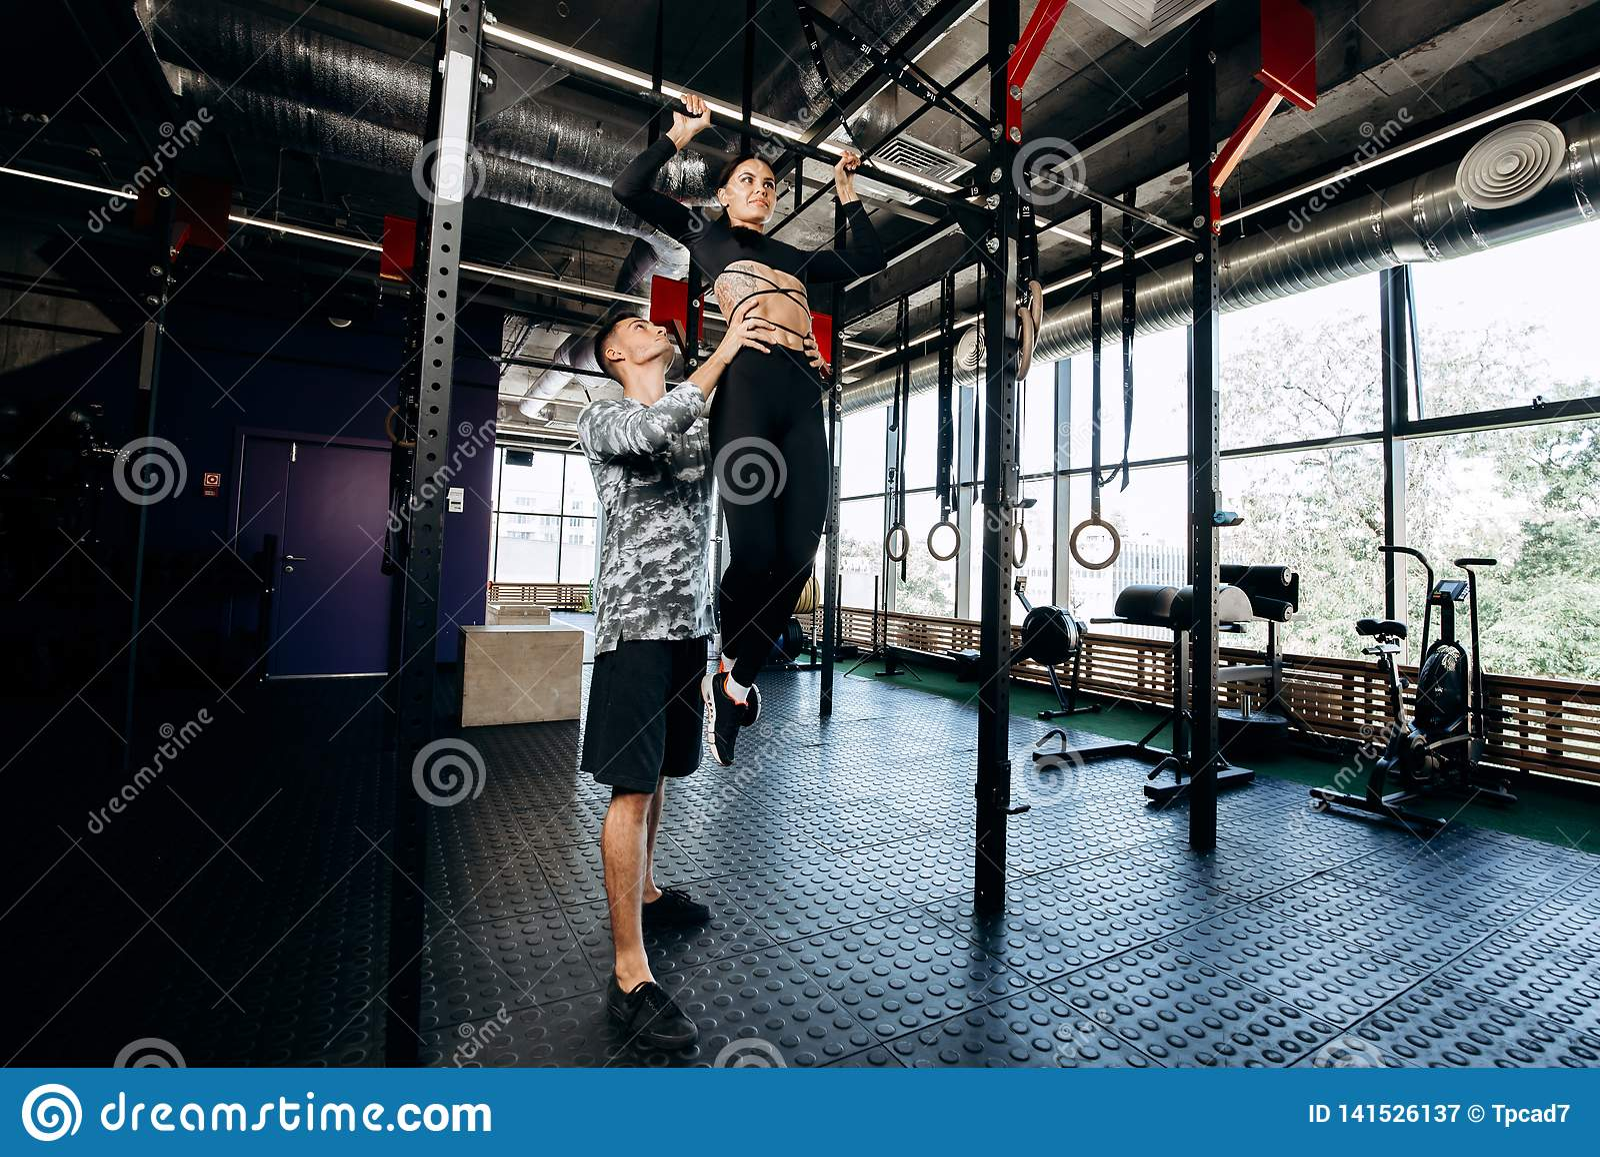 Молодой атлетический человек помогает худенькой милой девушке сделать тягу вверх на баре в спортзале